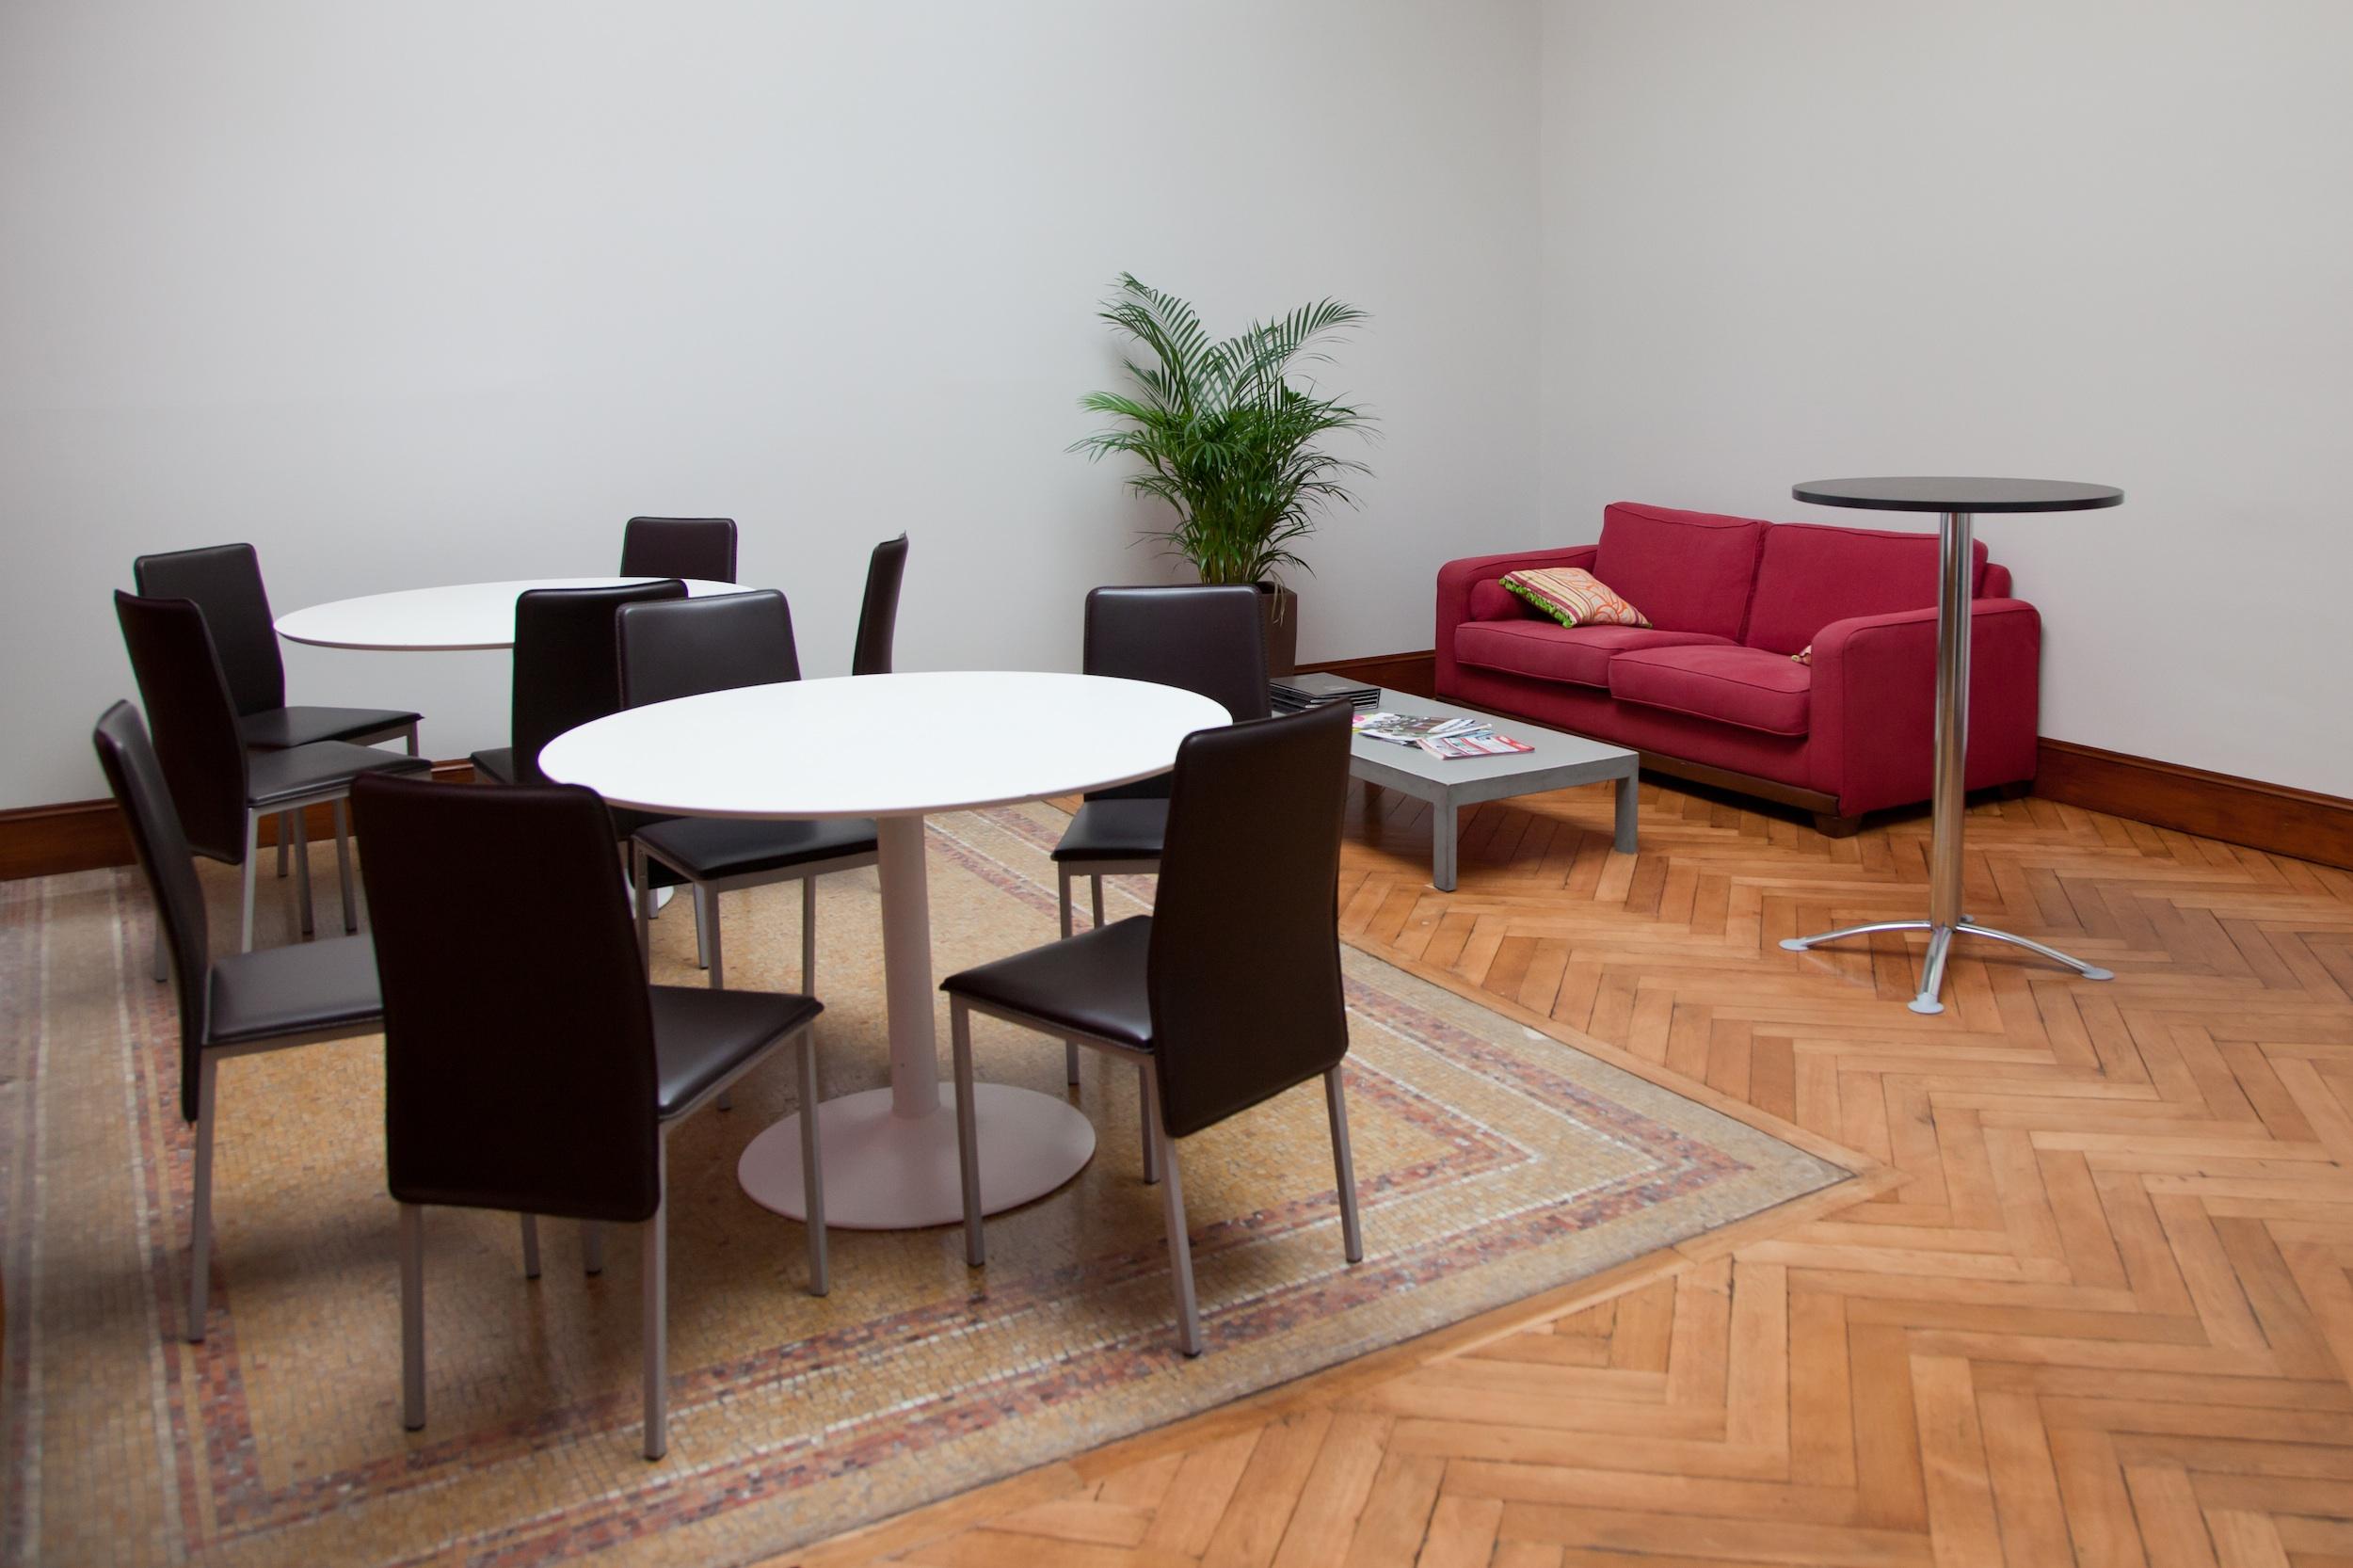 le c pitole espace d 39 entreprise les avantages du bureau sans les inconv nients le c pitole. Black Bedroom Furniture Sets. Home Design Ideas